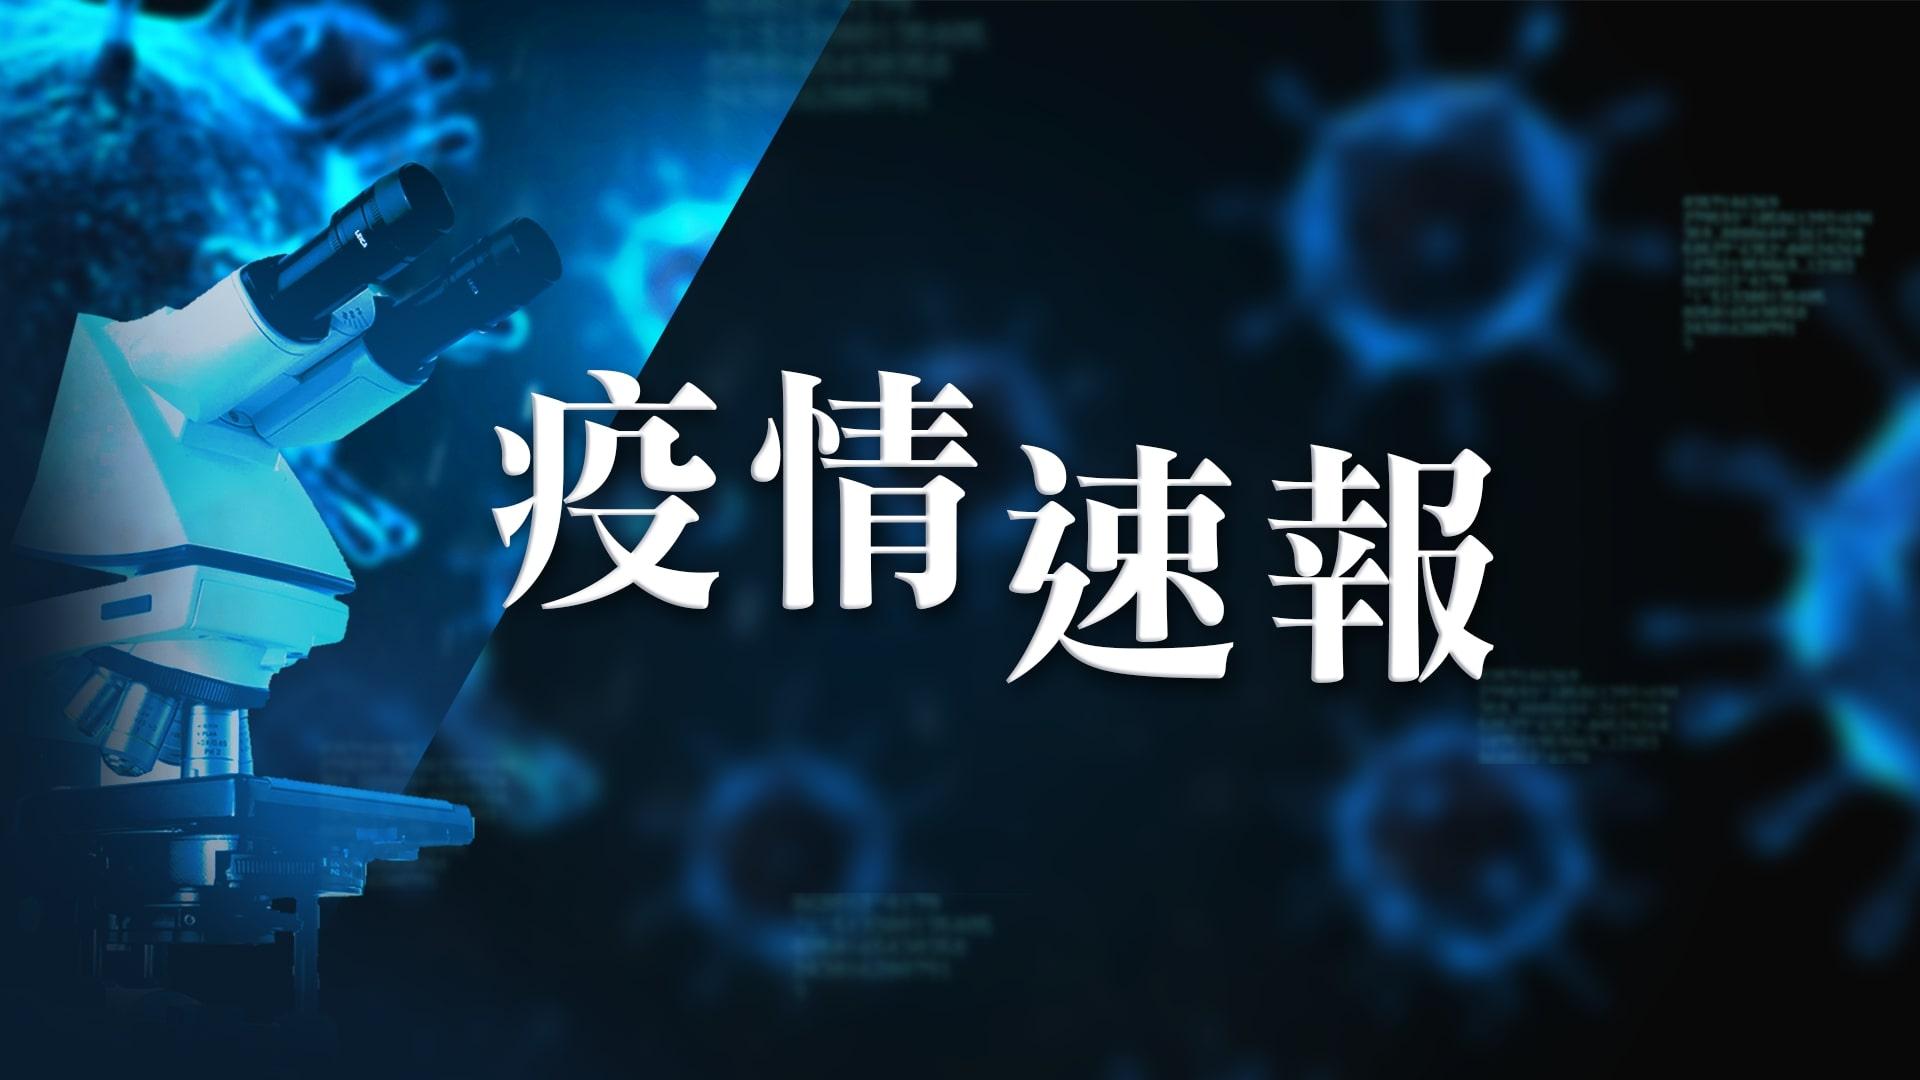 【2月18日疫情速報】(12:30)